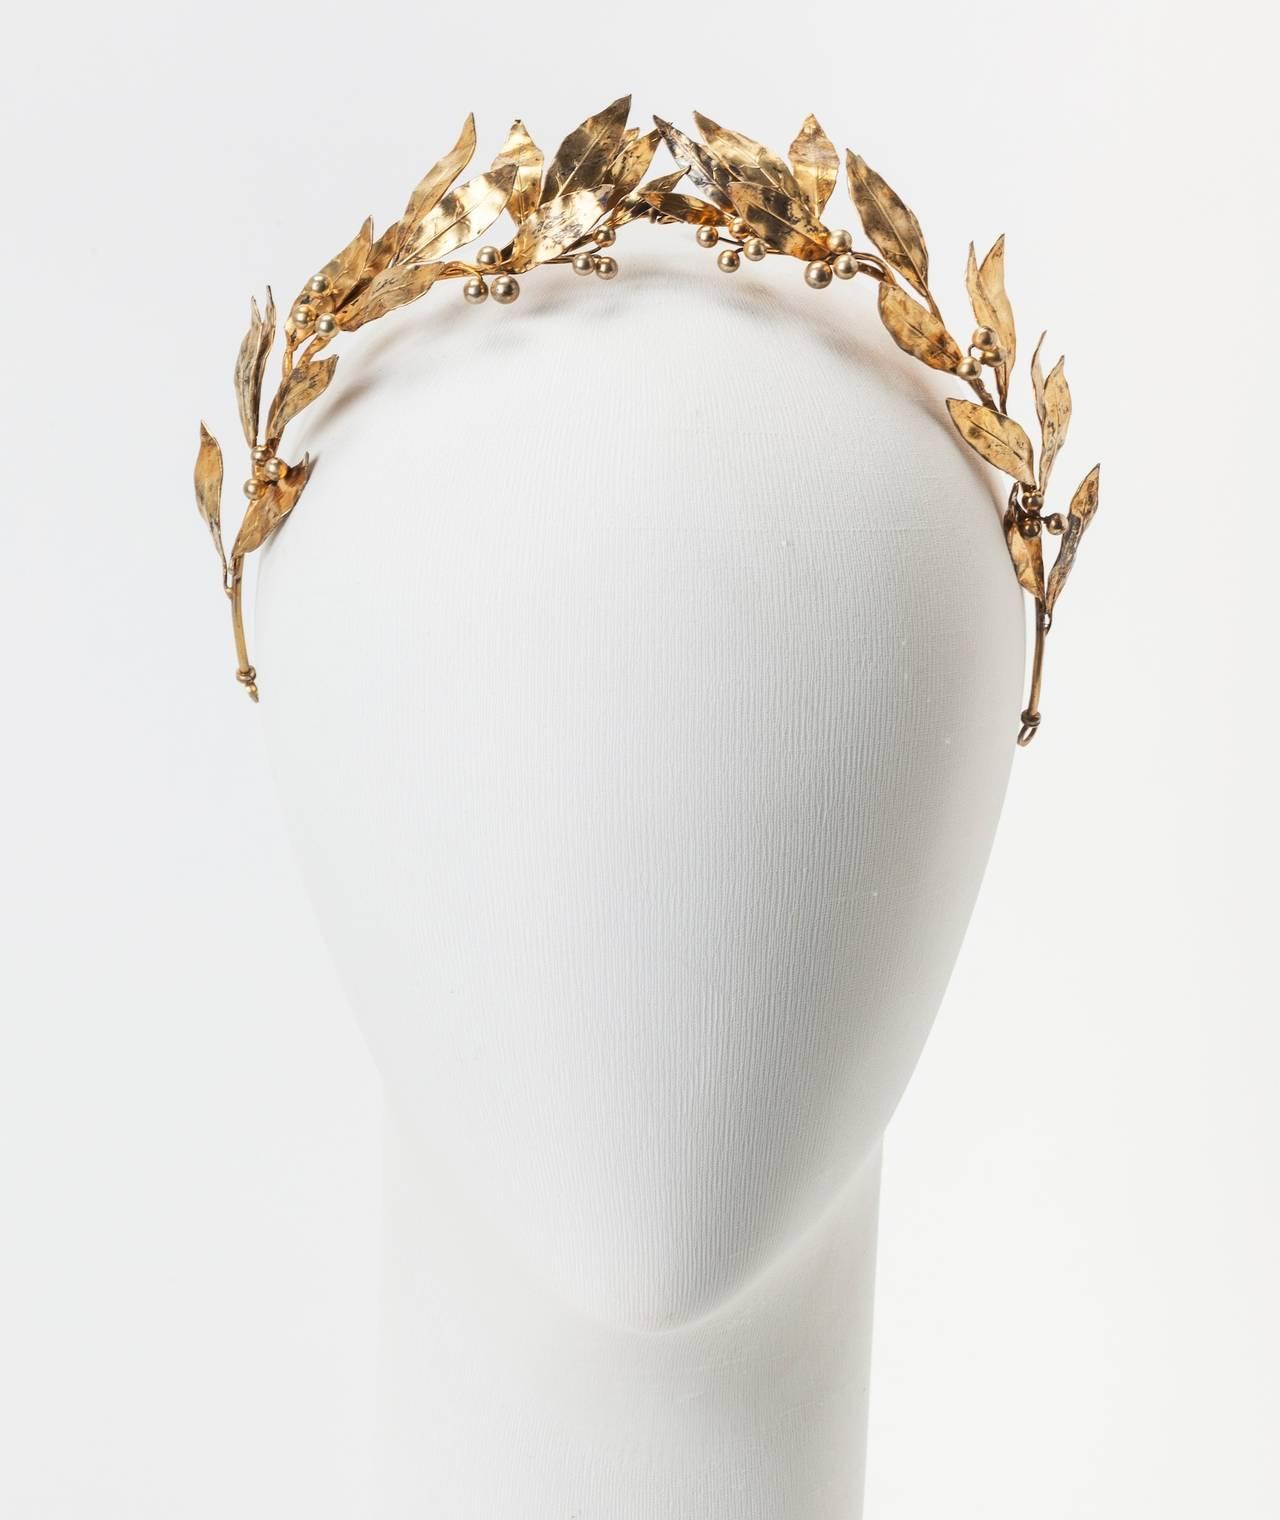 Neo Classical Laurel Wreath Diadem 4